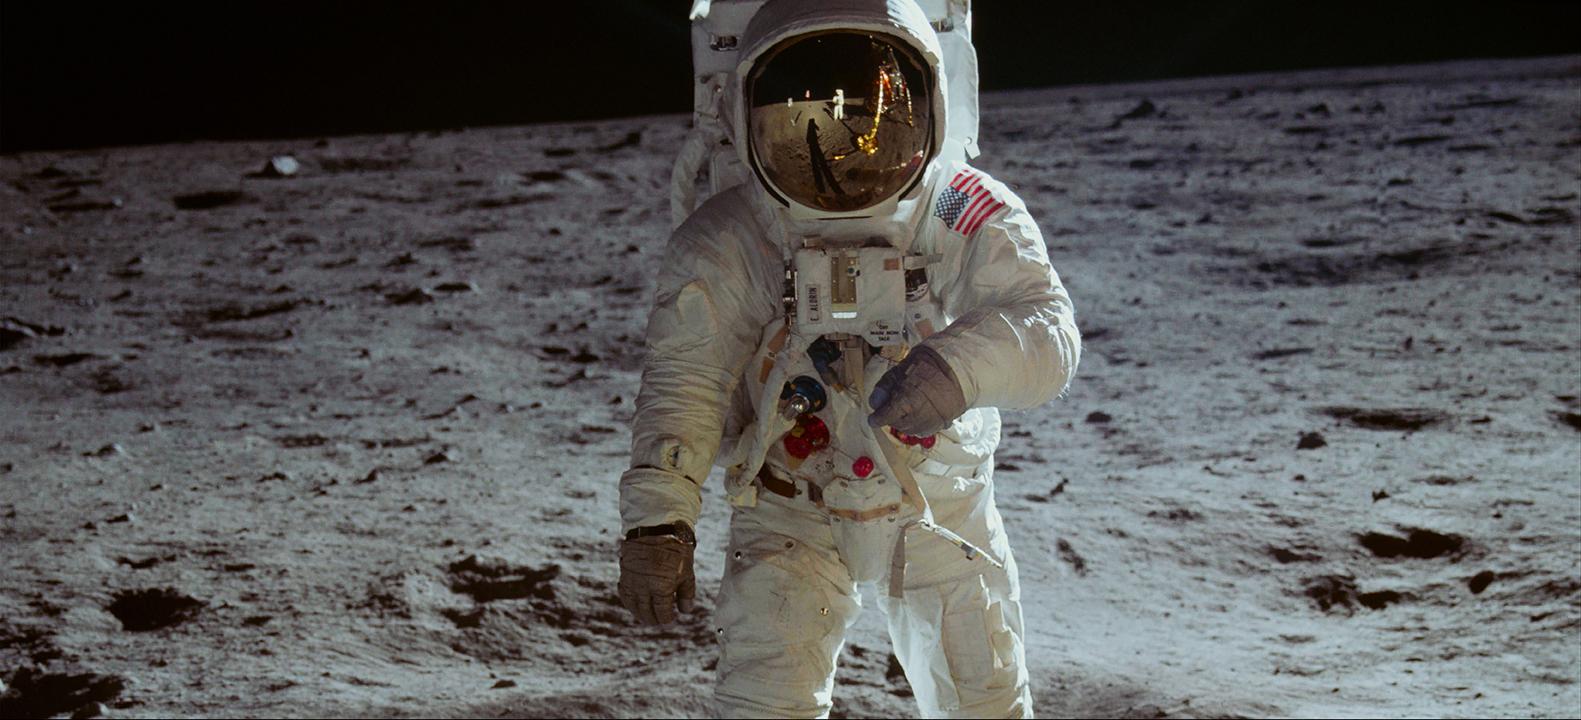 Fotografia uomo sulla luna della missione Apollo 11